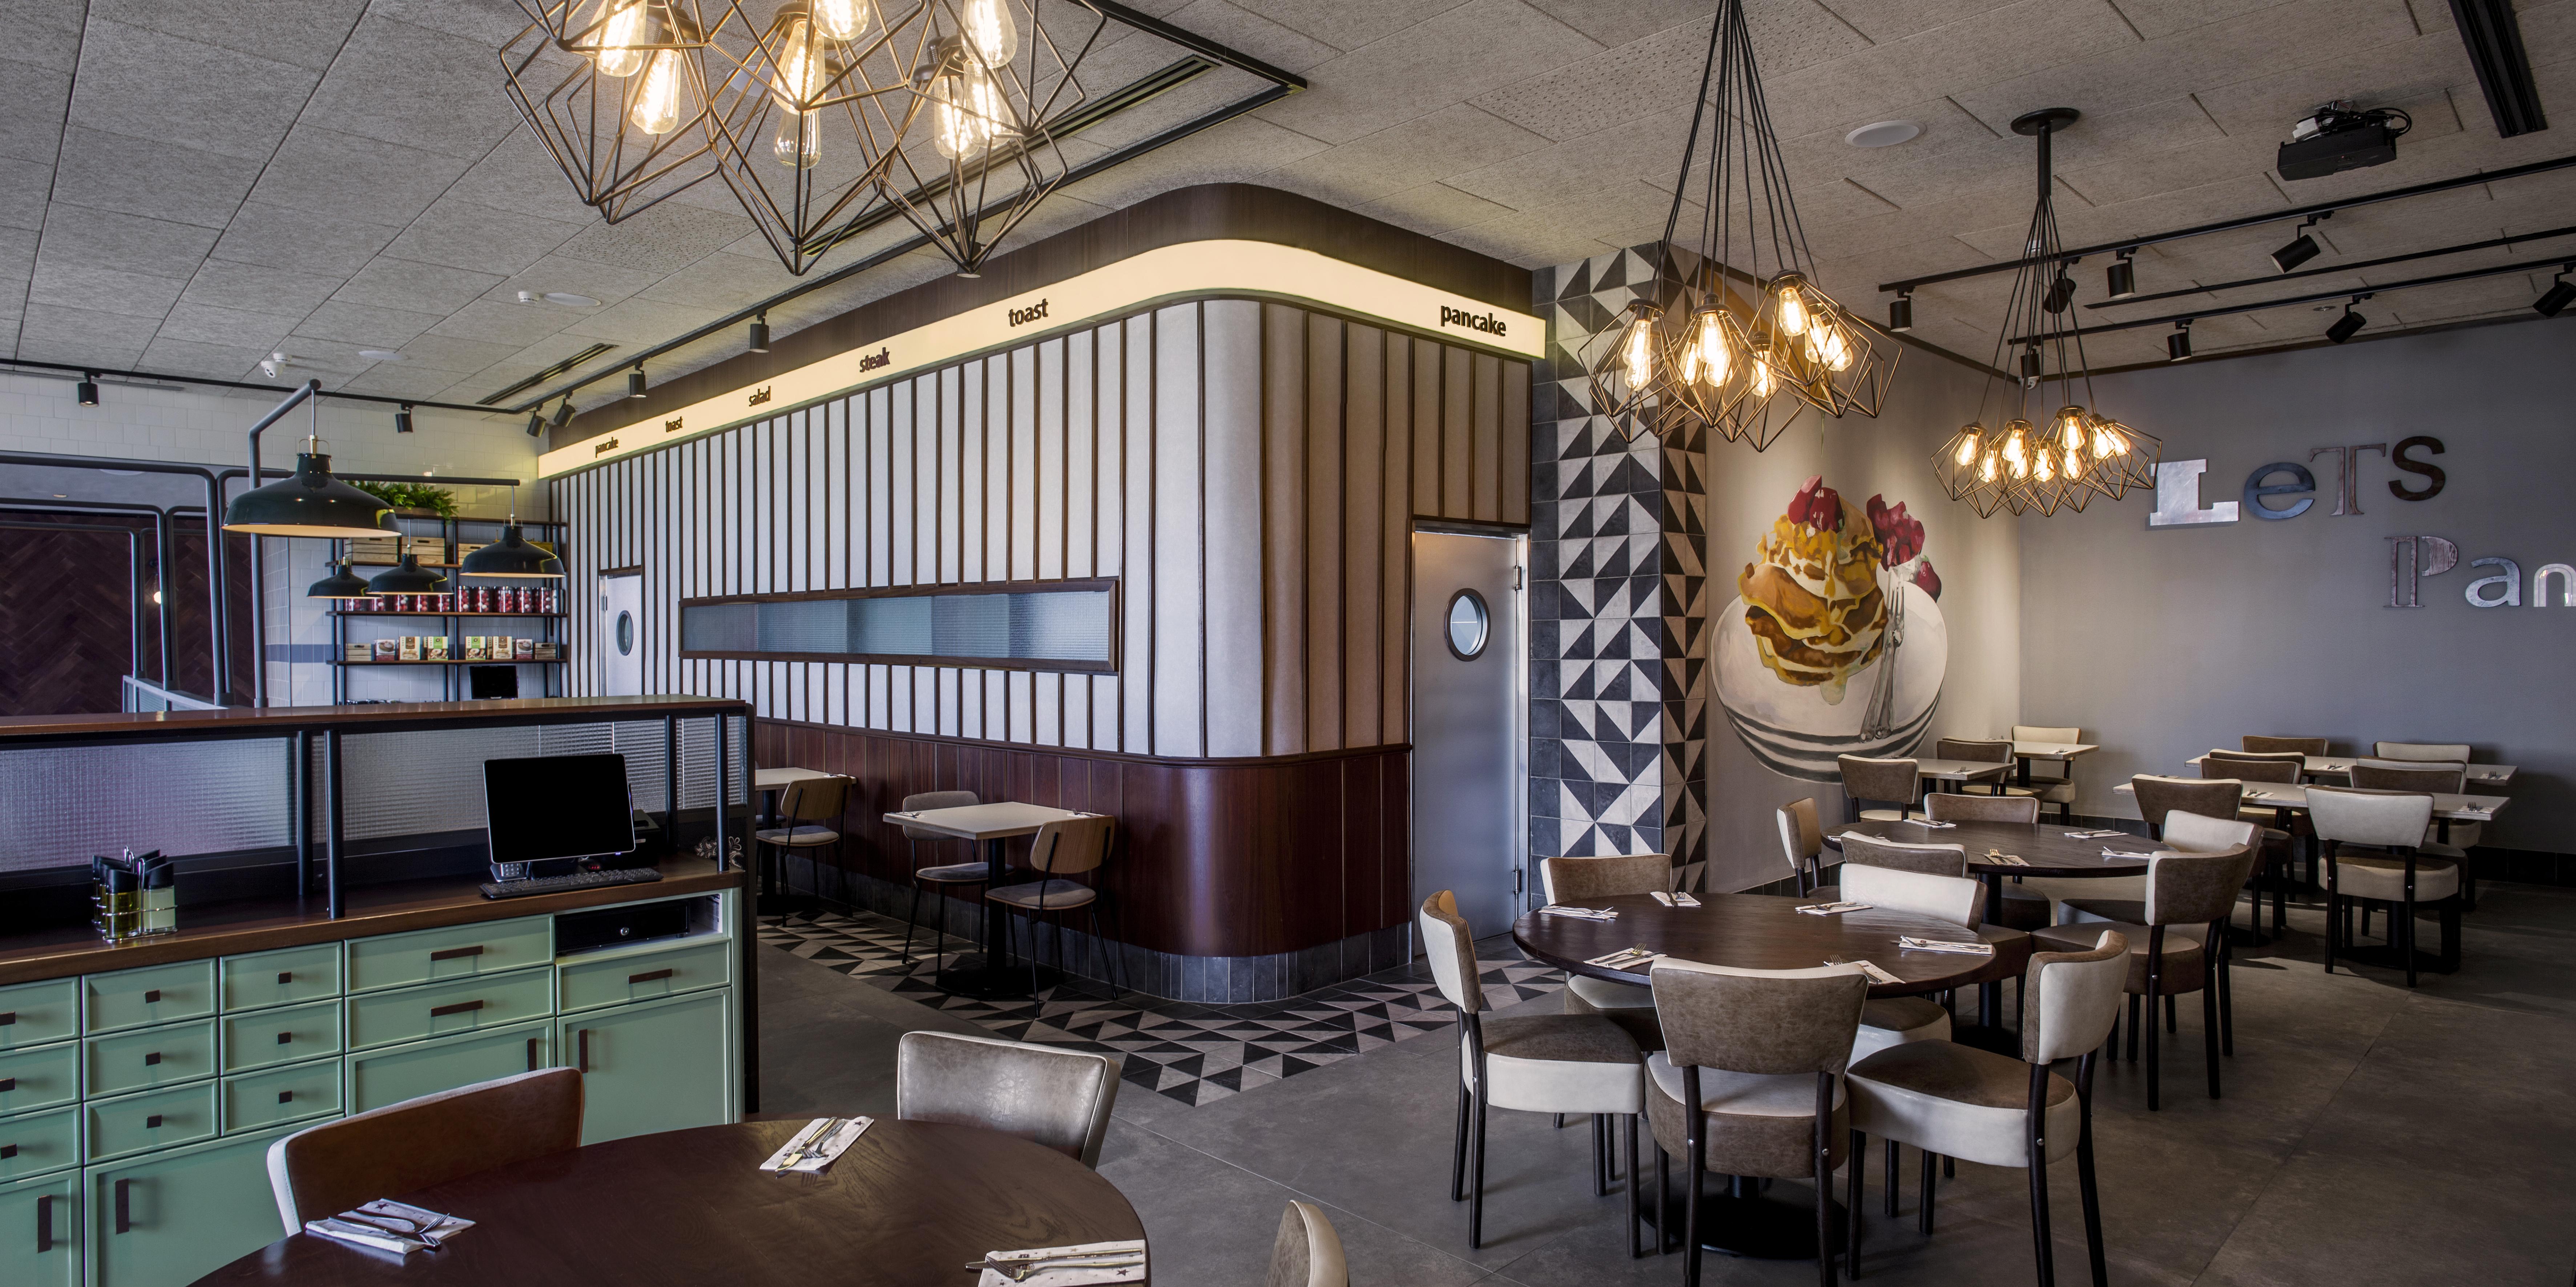 indoor diner